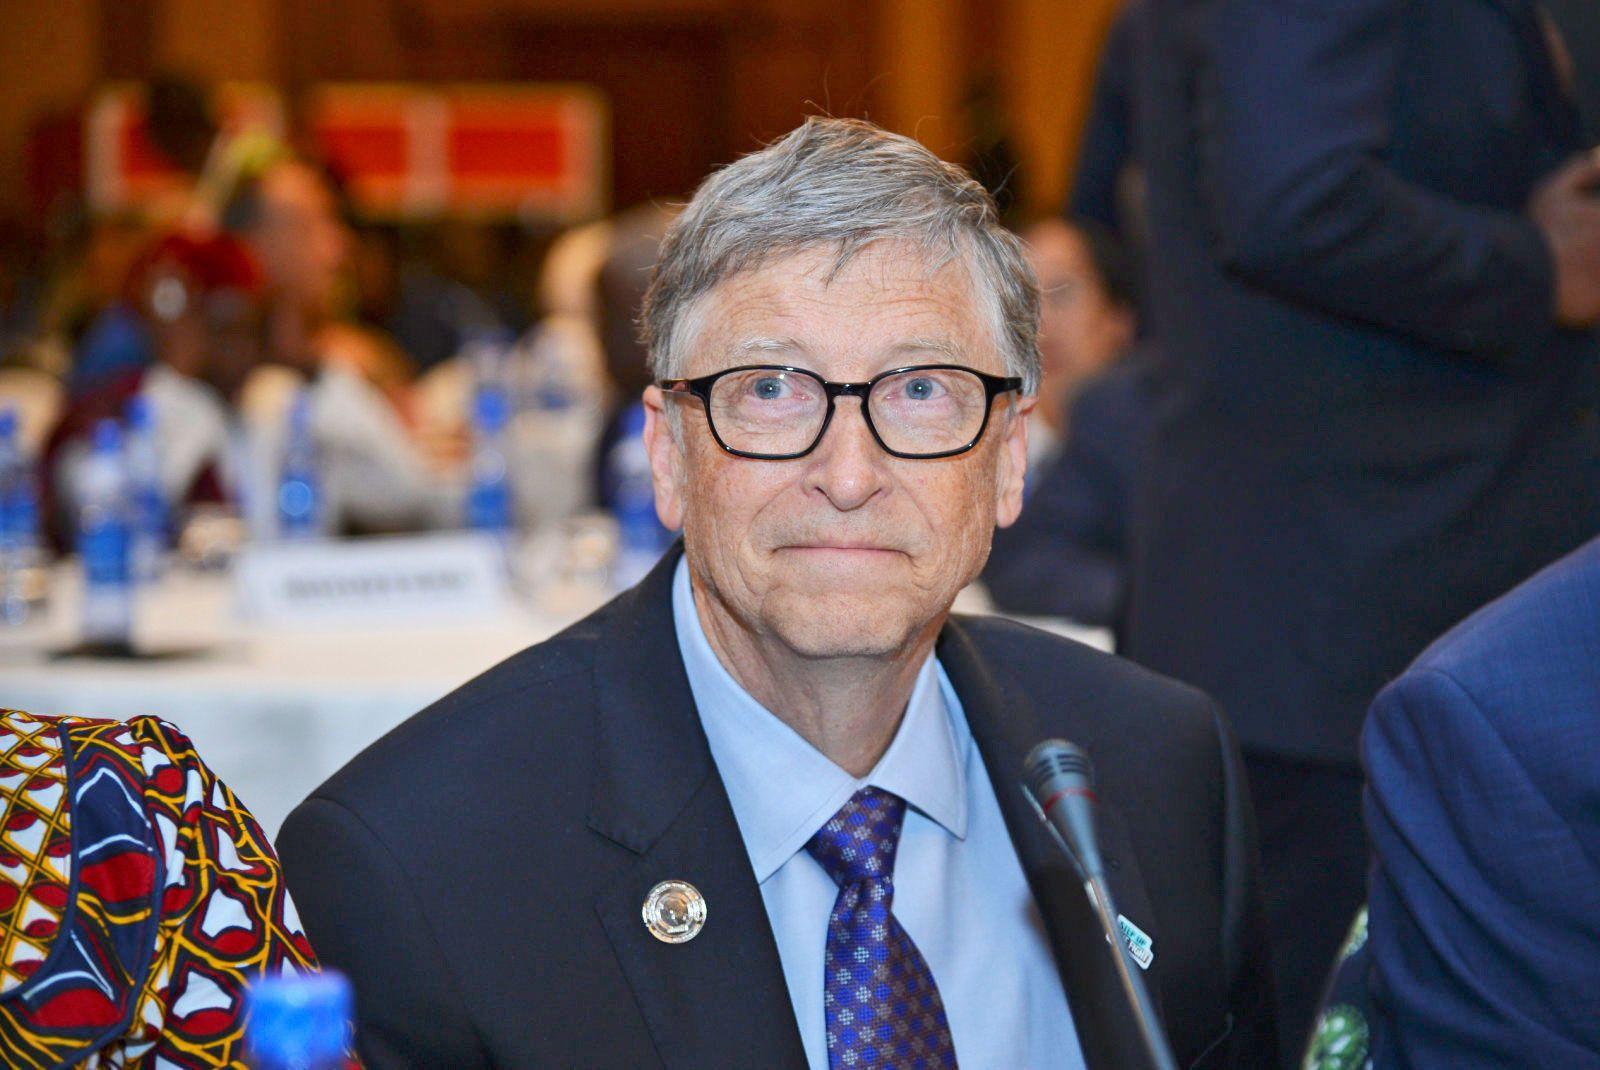 ビル・ゲイツ、新型コロナ対策に期待の7ワクチン工場建設に資金。「5つ無駄でも2つ効けば価値」 - Engadget 日本版